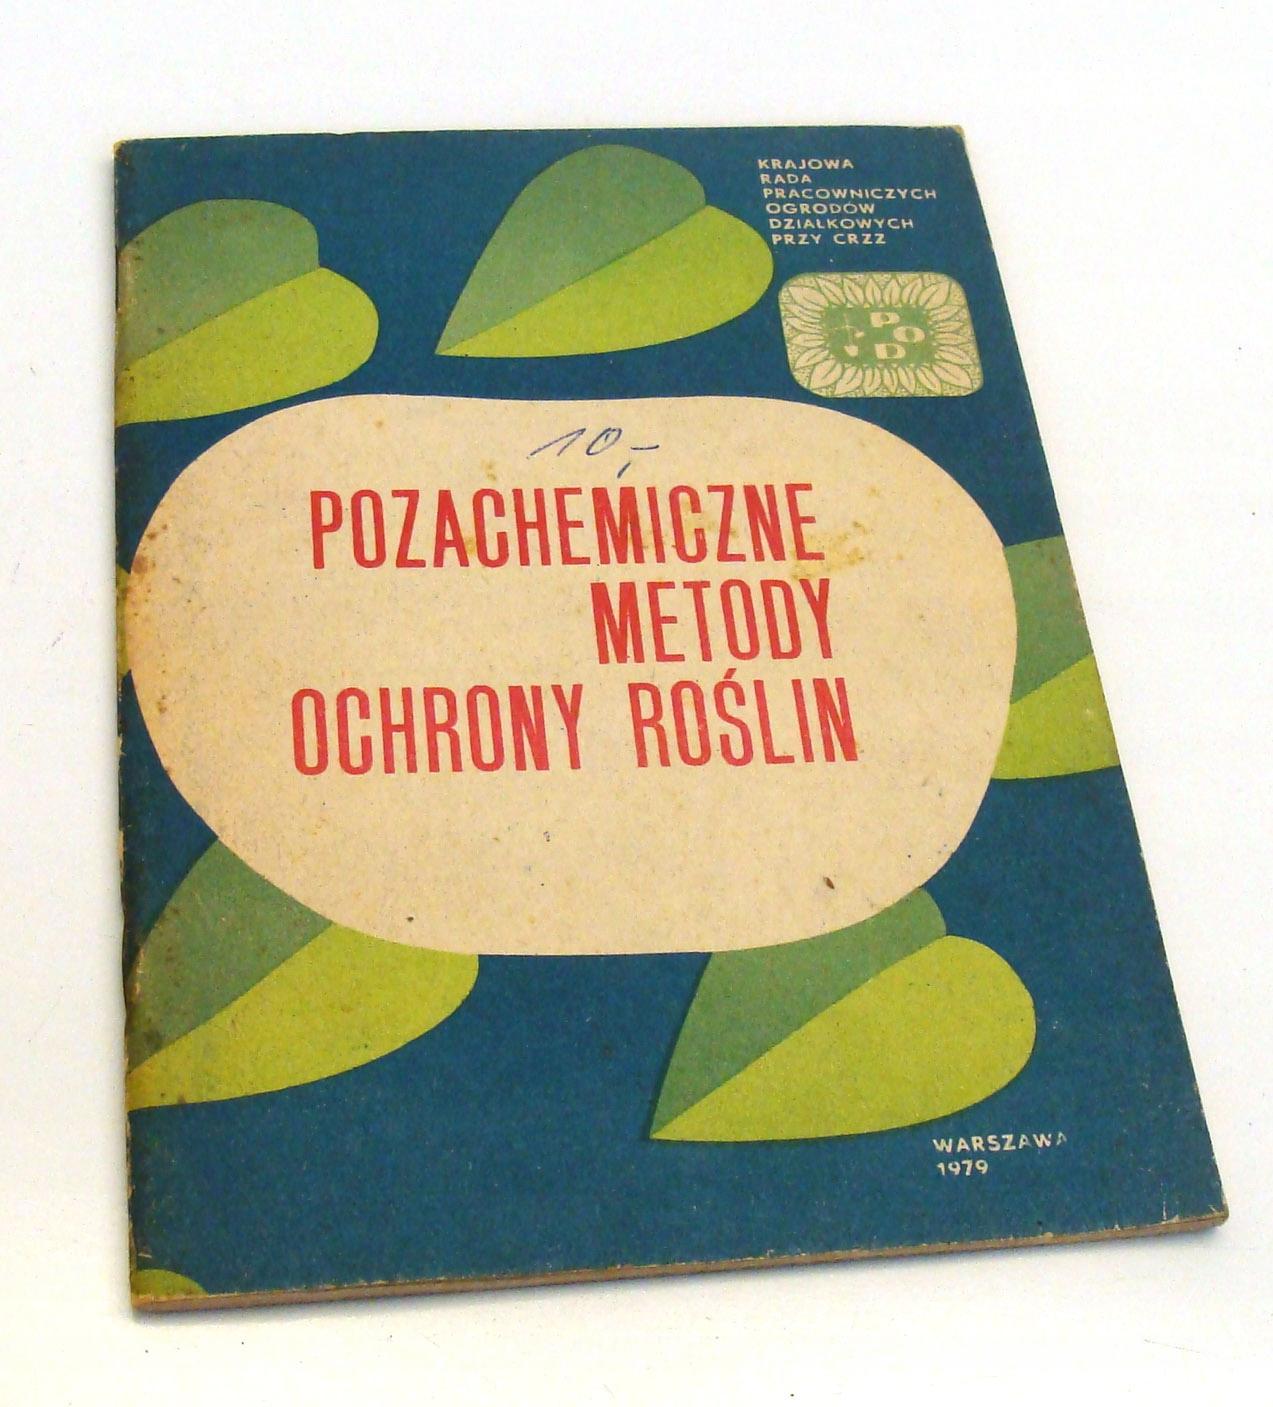 Pin On Okladki Z Prl U Book Covers